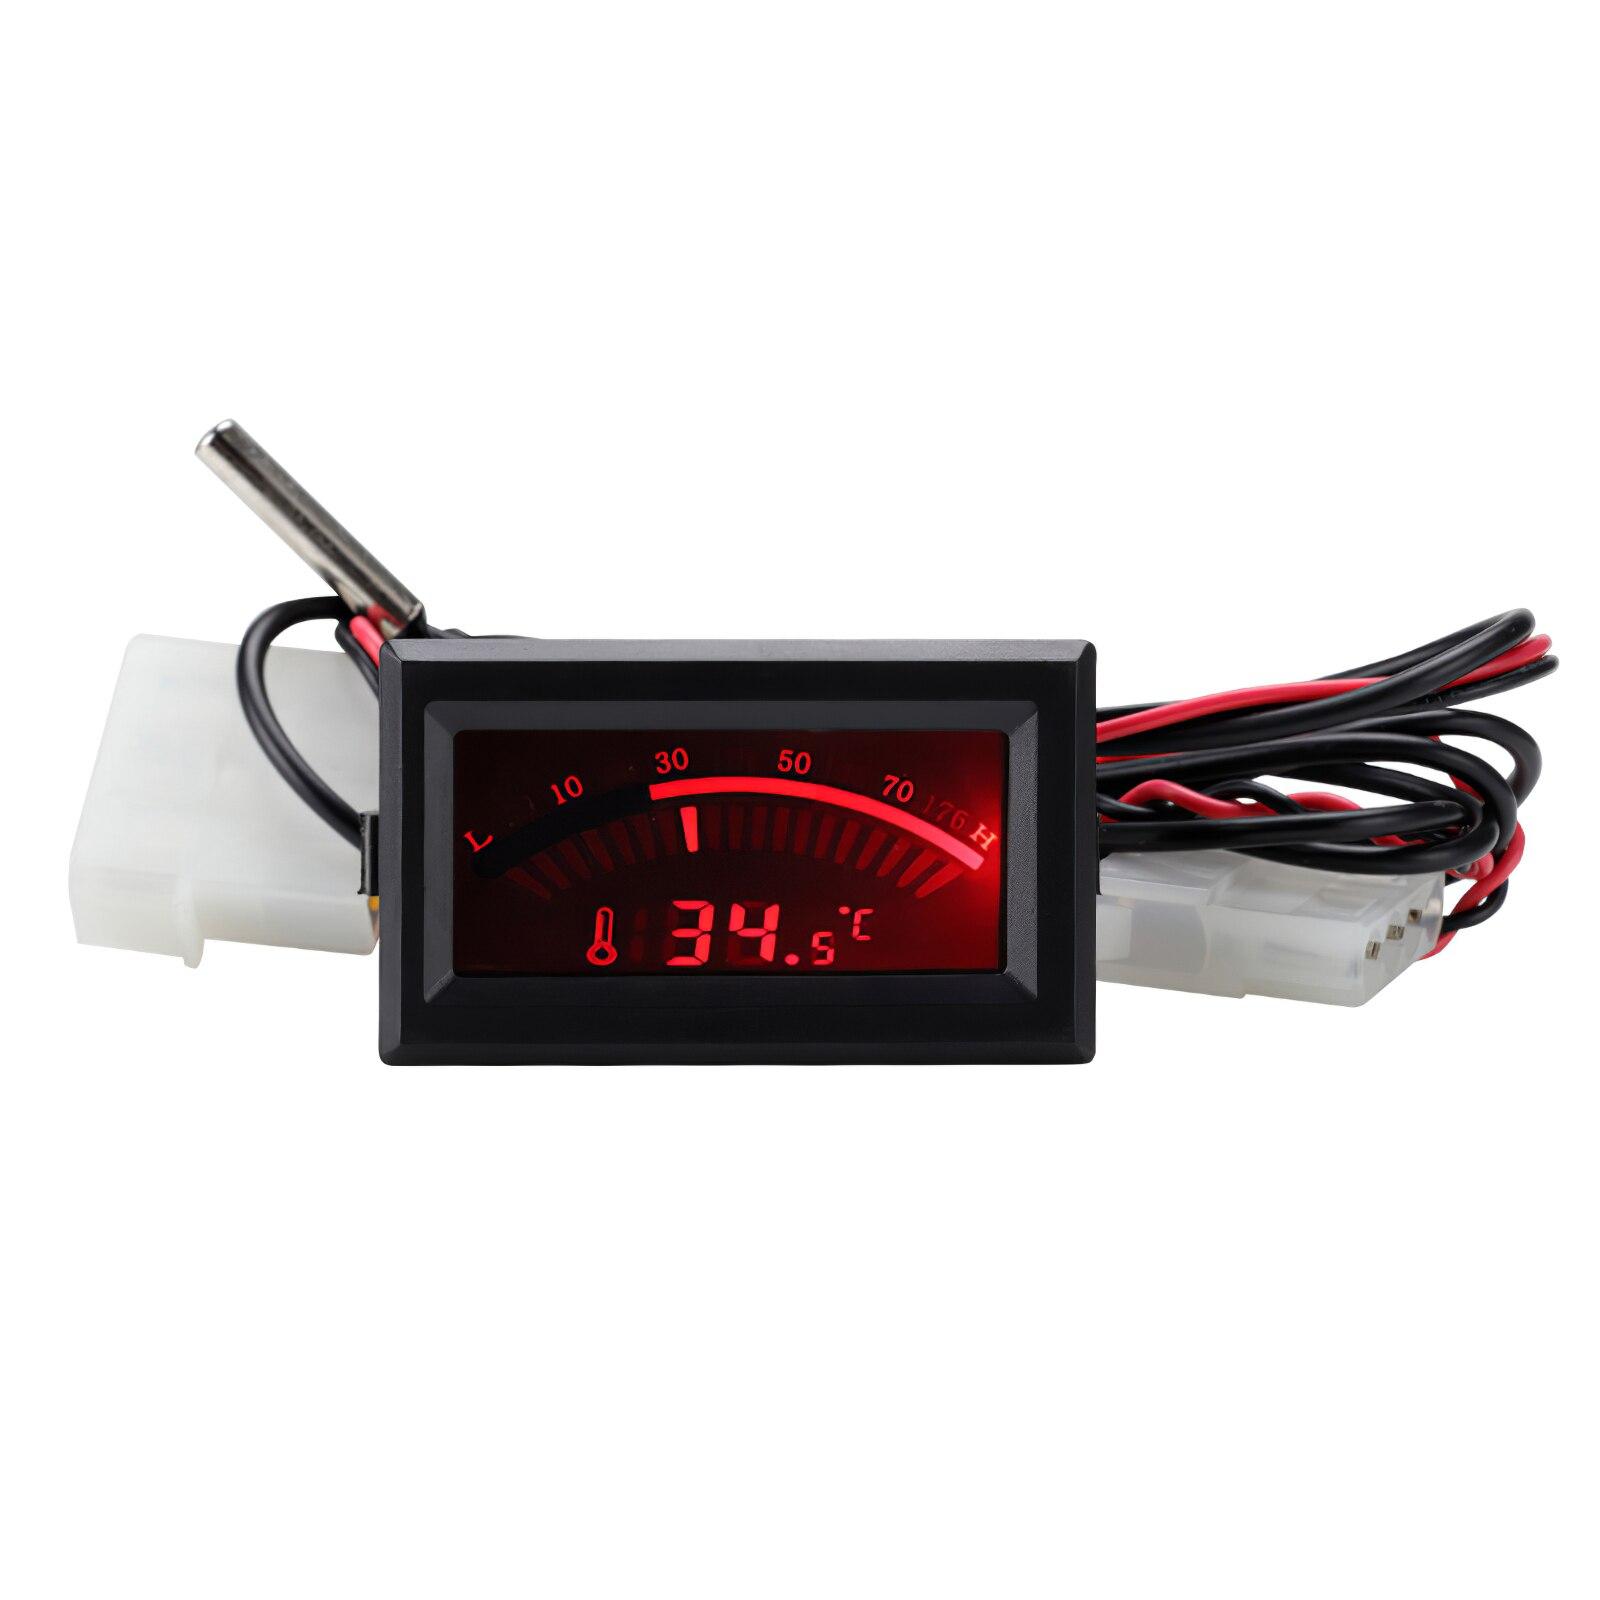 Бытовые термометры, кухонный прибор для измерения температуры пищи, мяса, для духовки, аквариума, 5 В